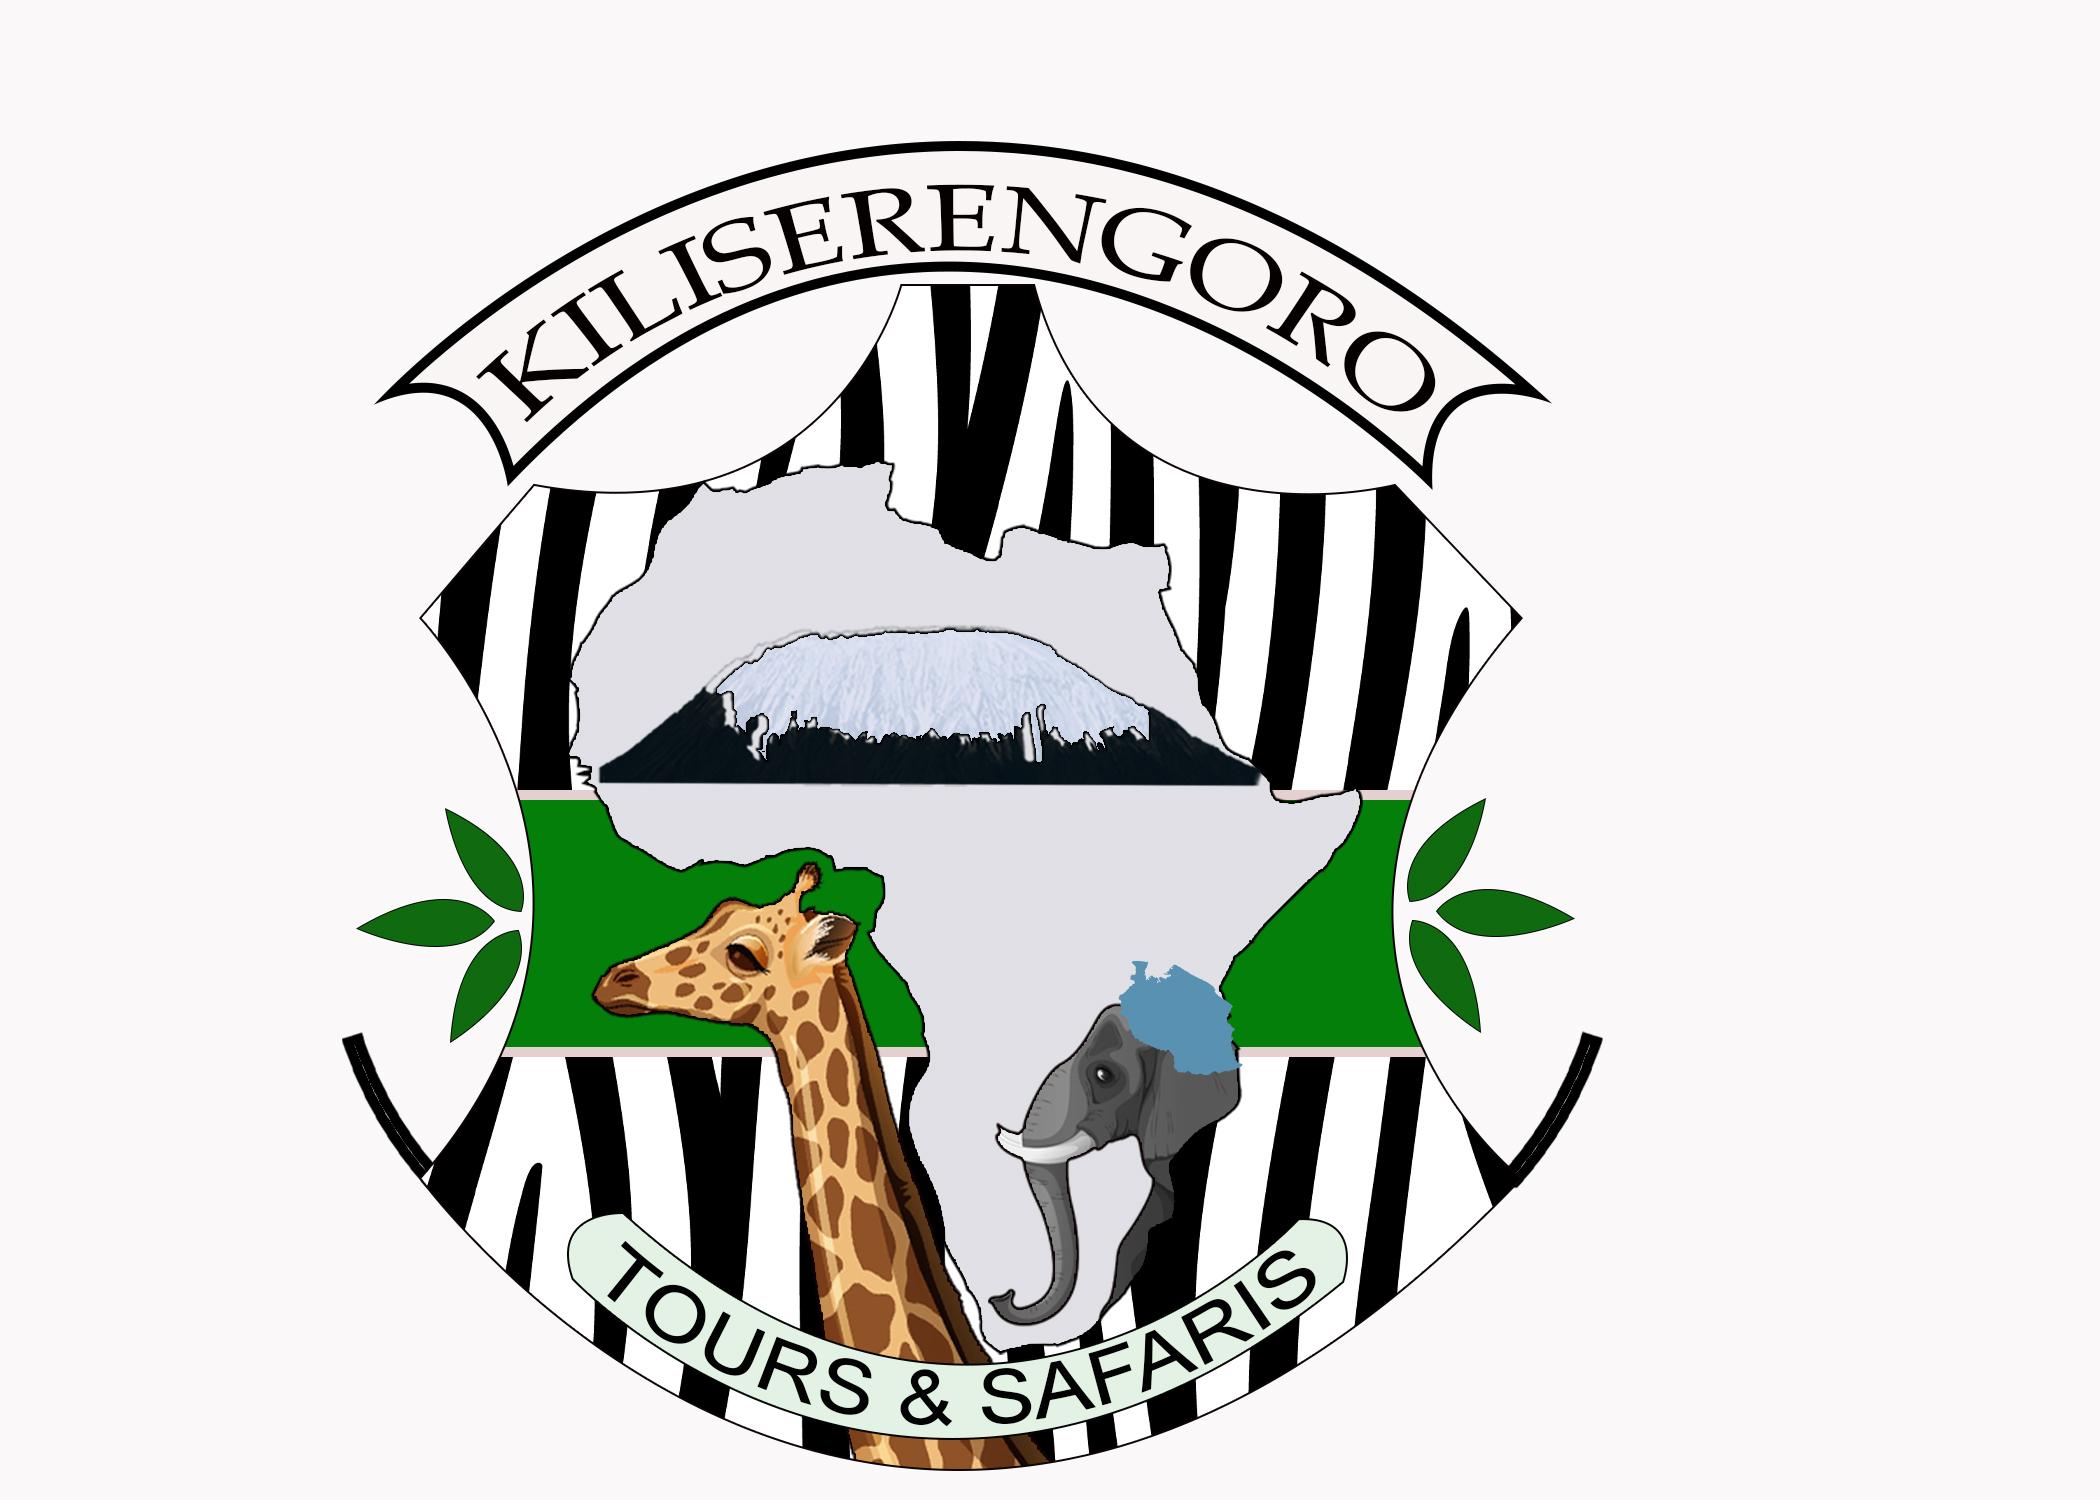 Kiliserengoro Tours and Safaris